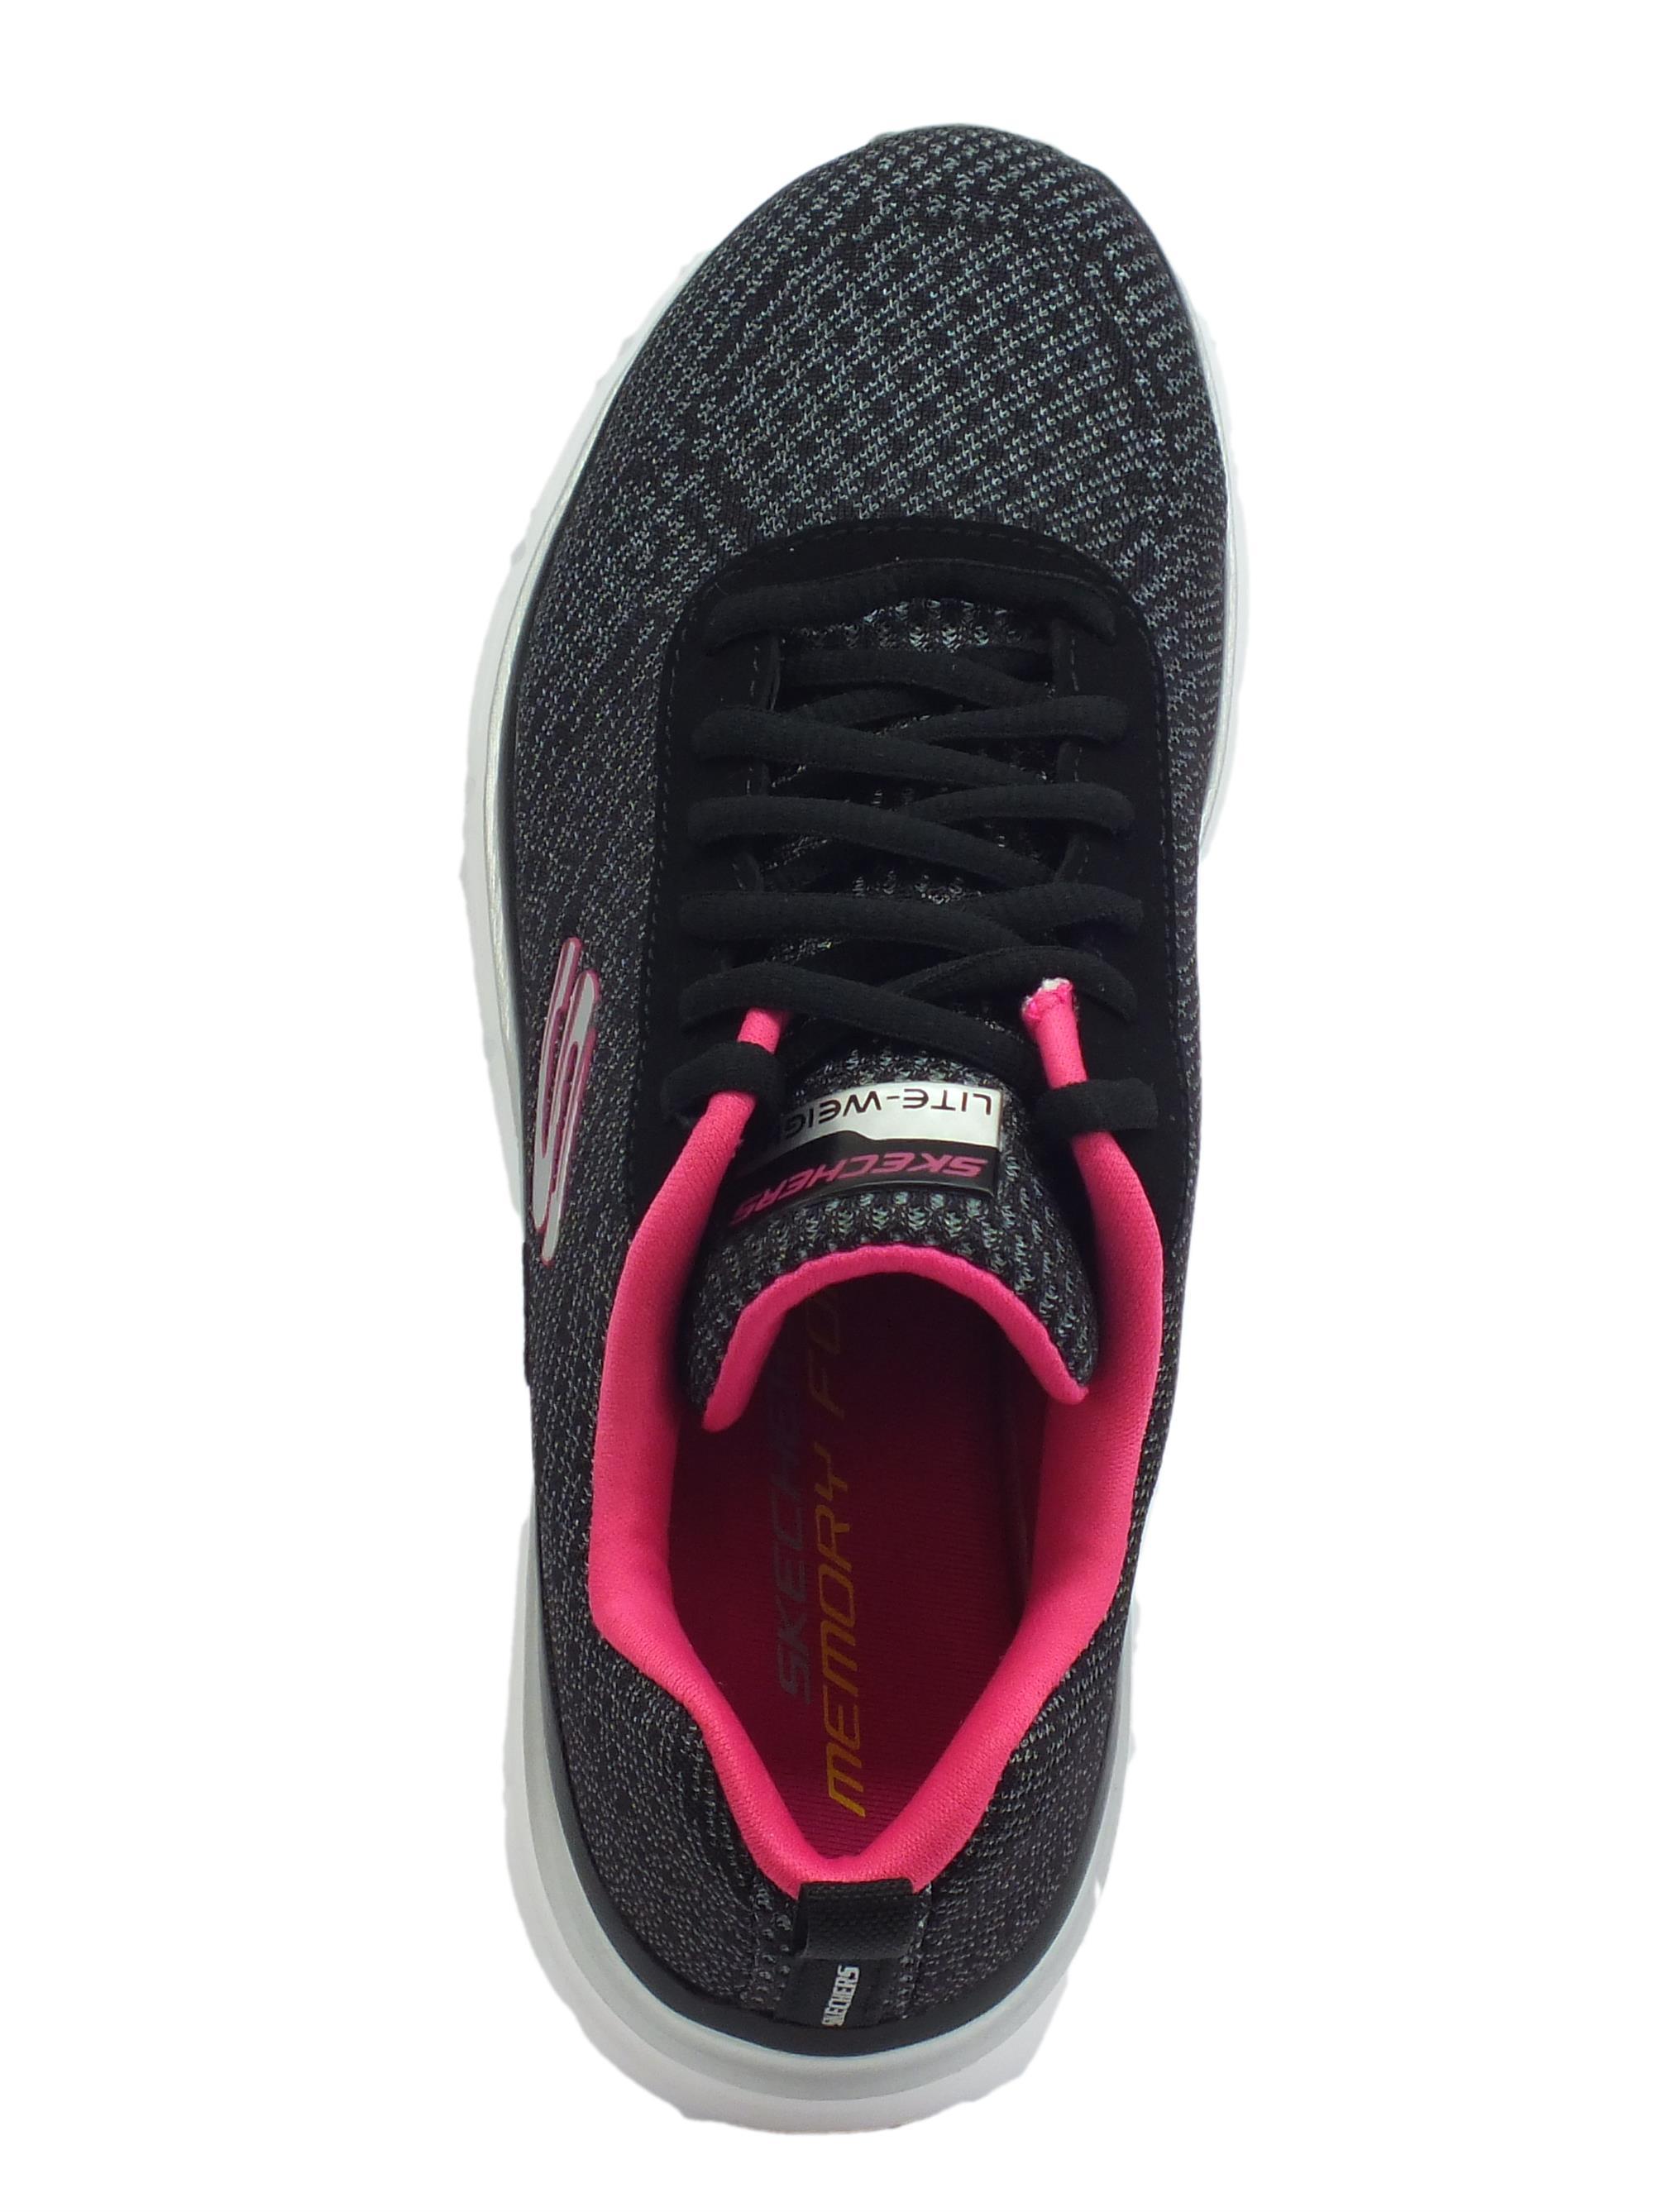 fcb615c480b0a ... Skechers Fashion Fit Bold Boundaries Scarpe Sportive per donna nere e  rosa acceso